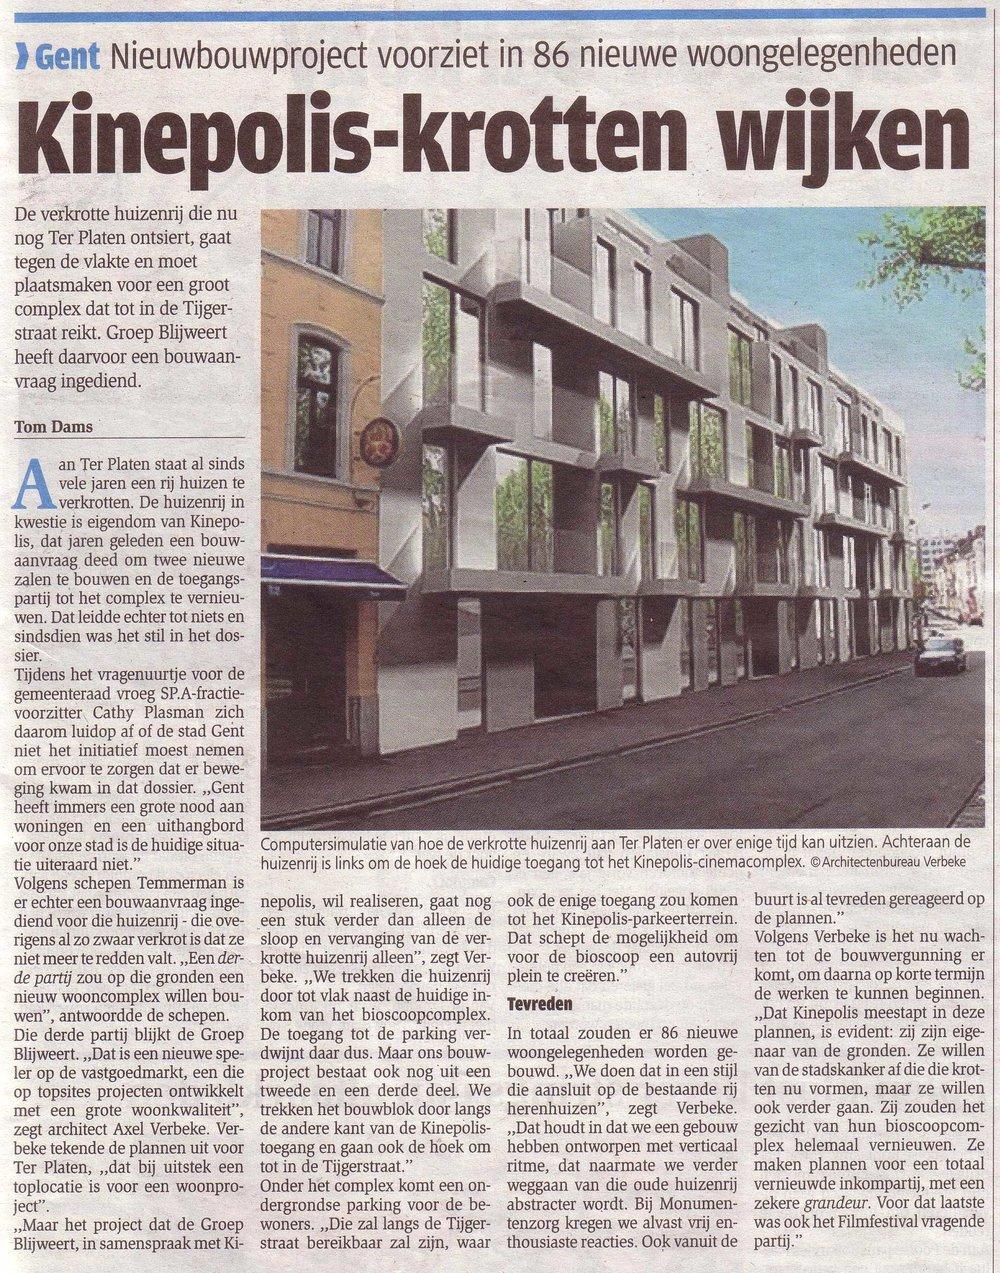 artikel-kinepolis1.jpg